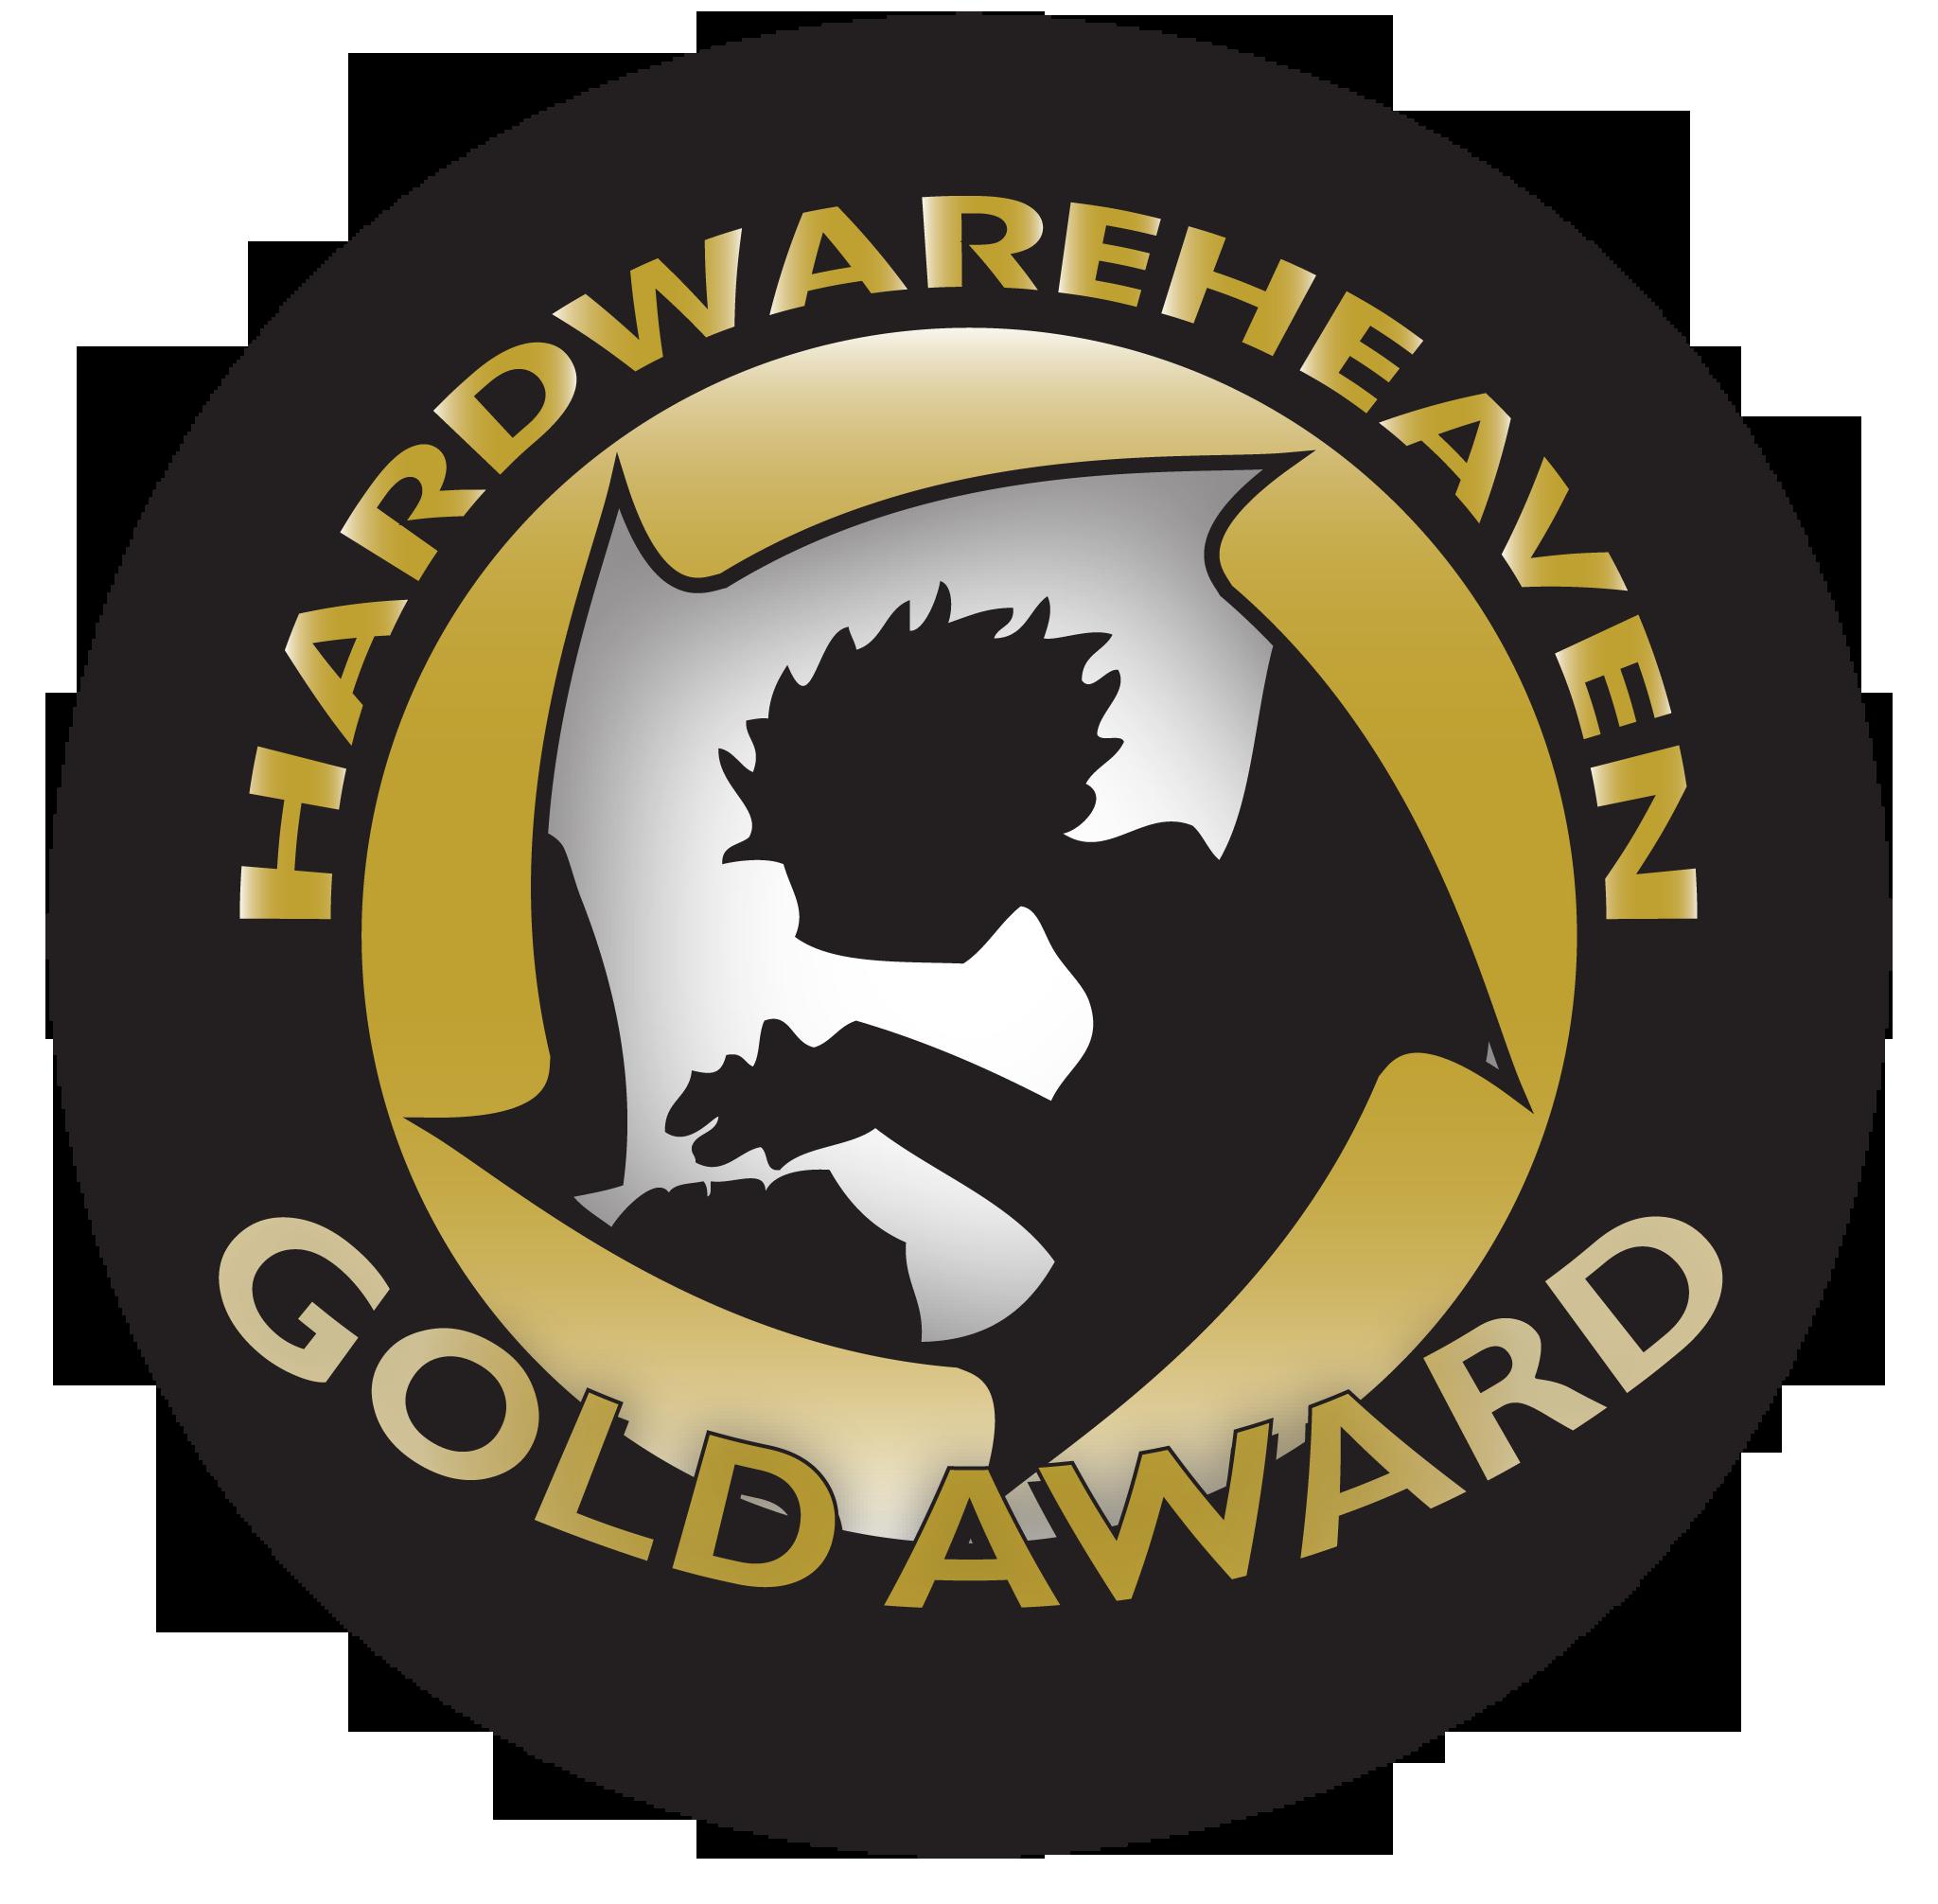 GOLD AWARD